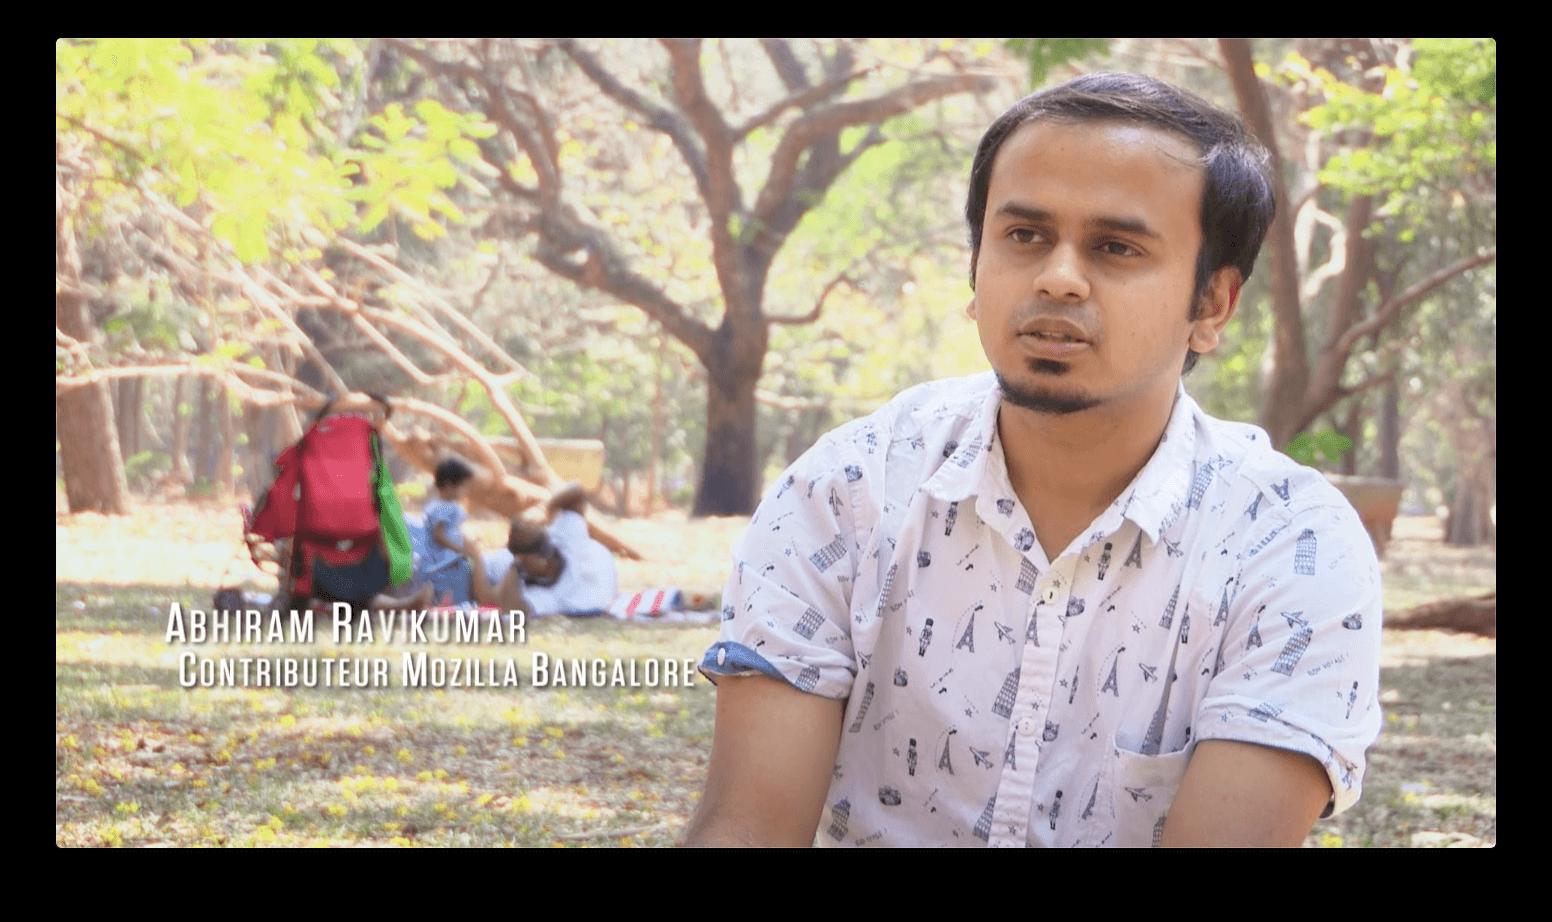 Abhiram Ravikumar